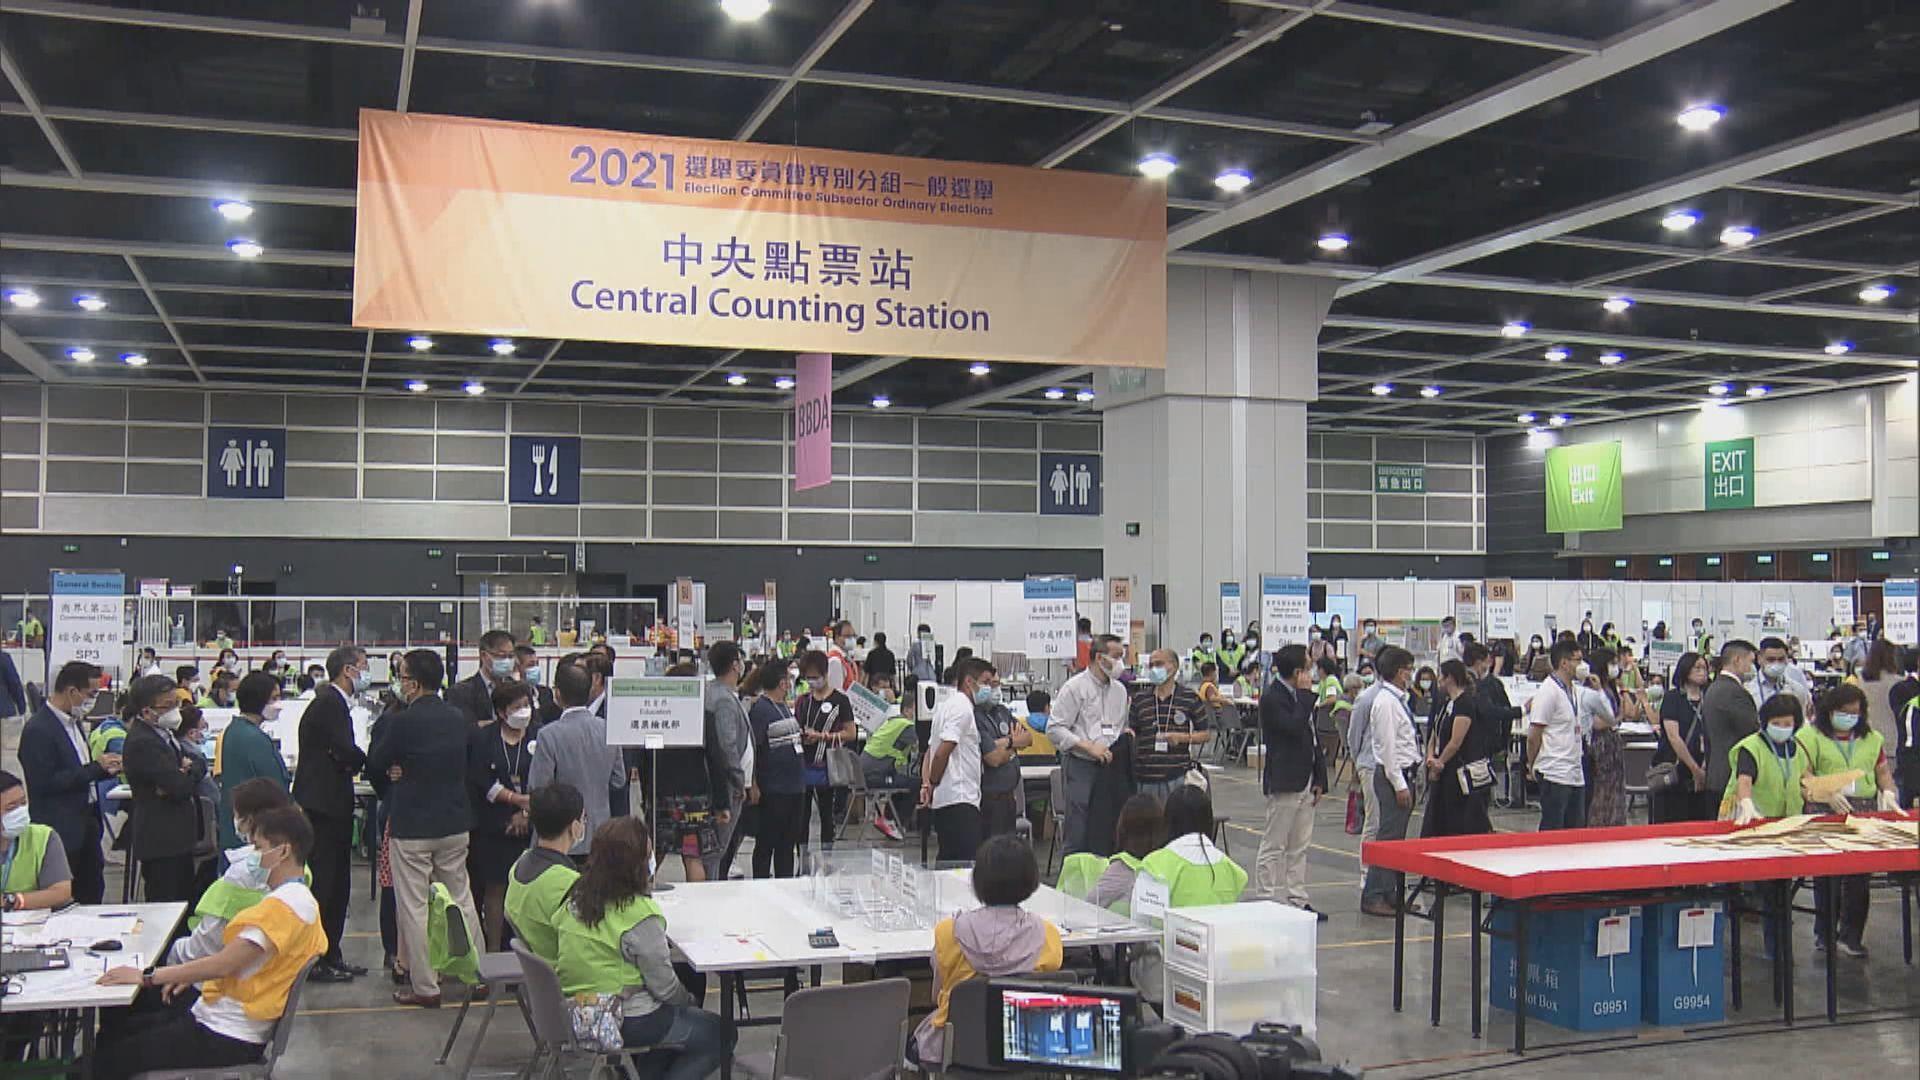 【選委會選舉】13個界別分組結果出爐 點票花逾13小時